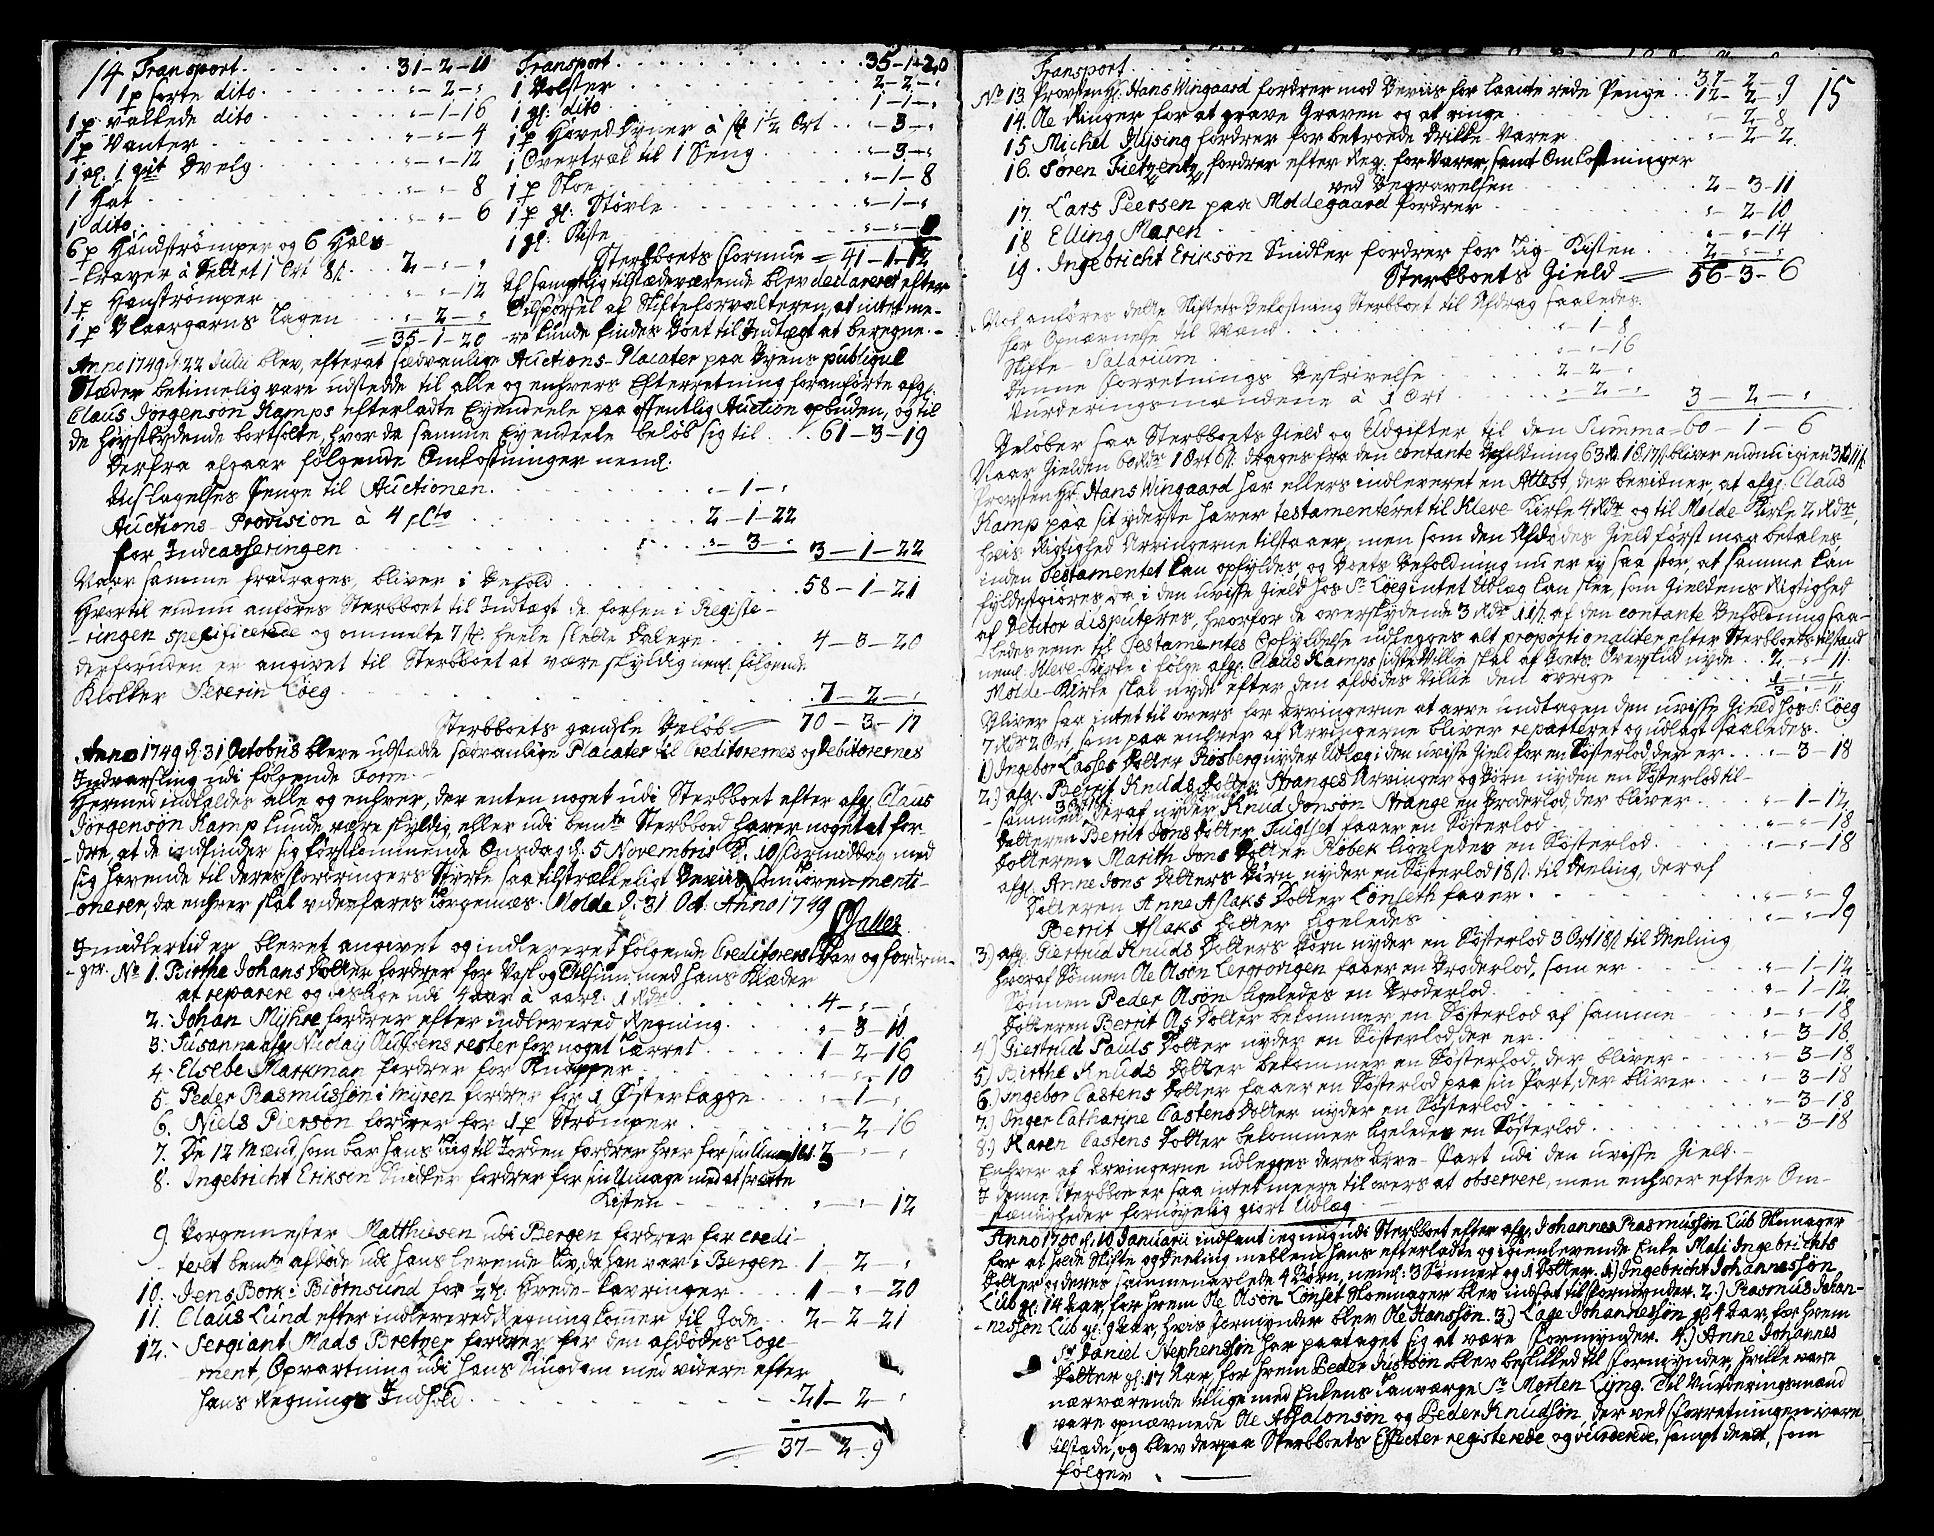 SAT, Molde byfogd, 3/3Aa/L0001: Skifteprotokoll, 1748-1768, p. 14-15